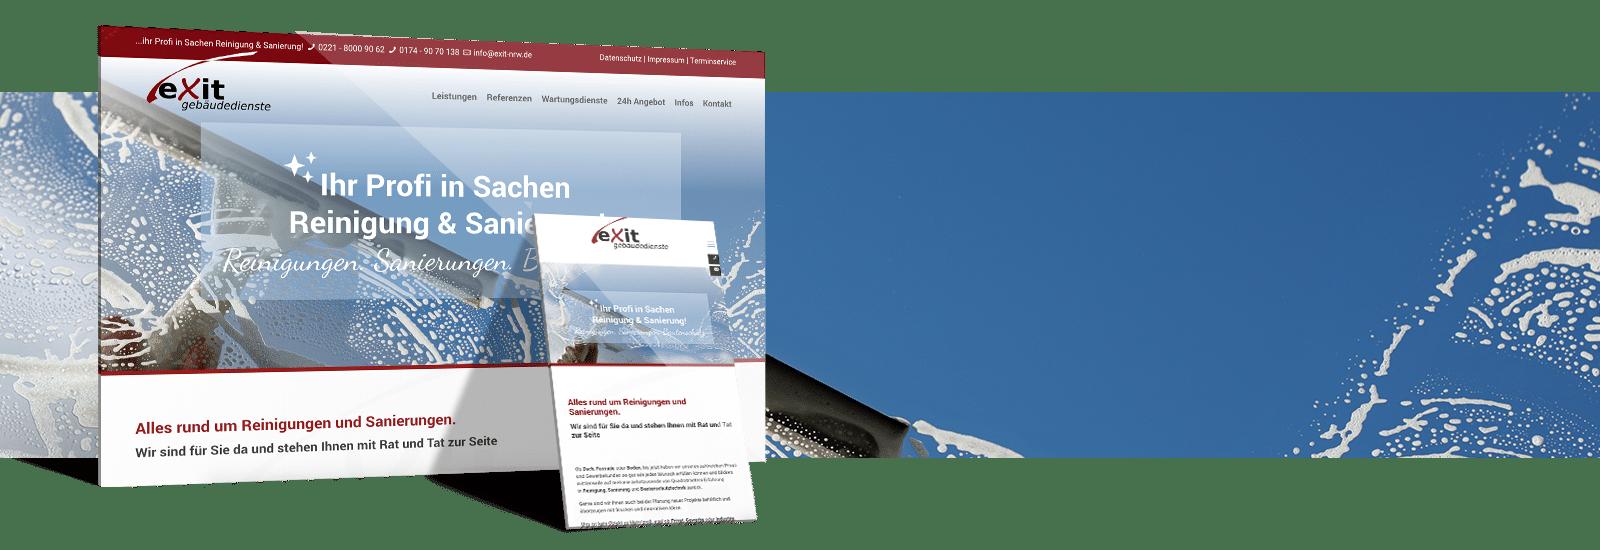 Gebäudereinigung Website